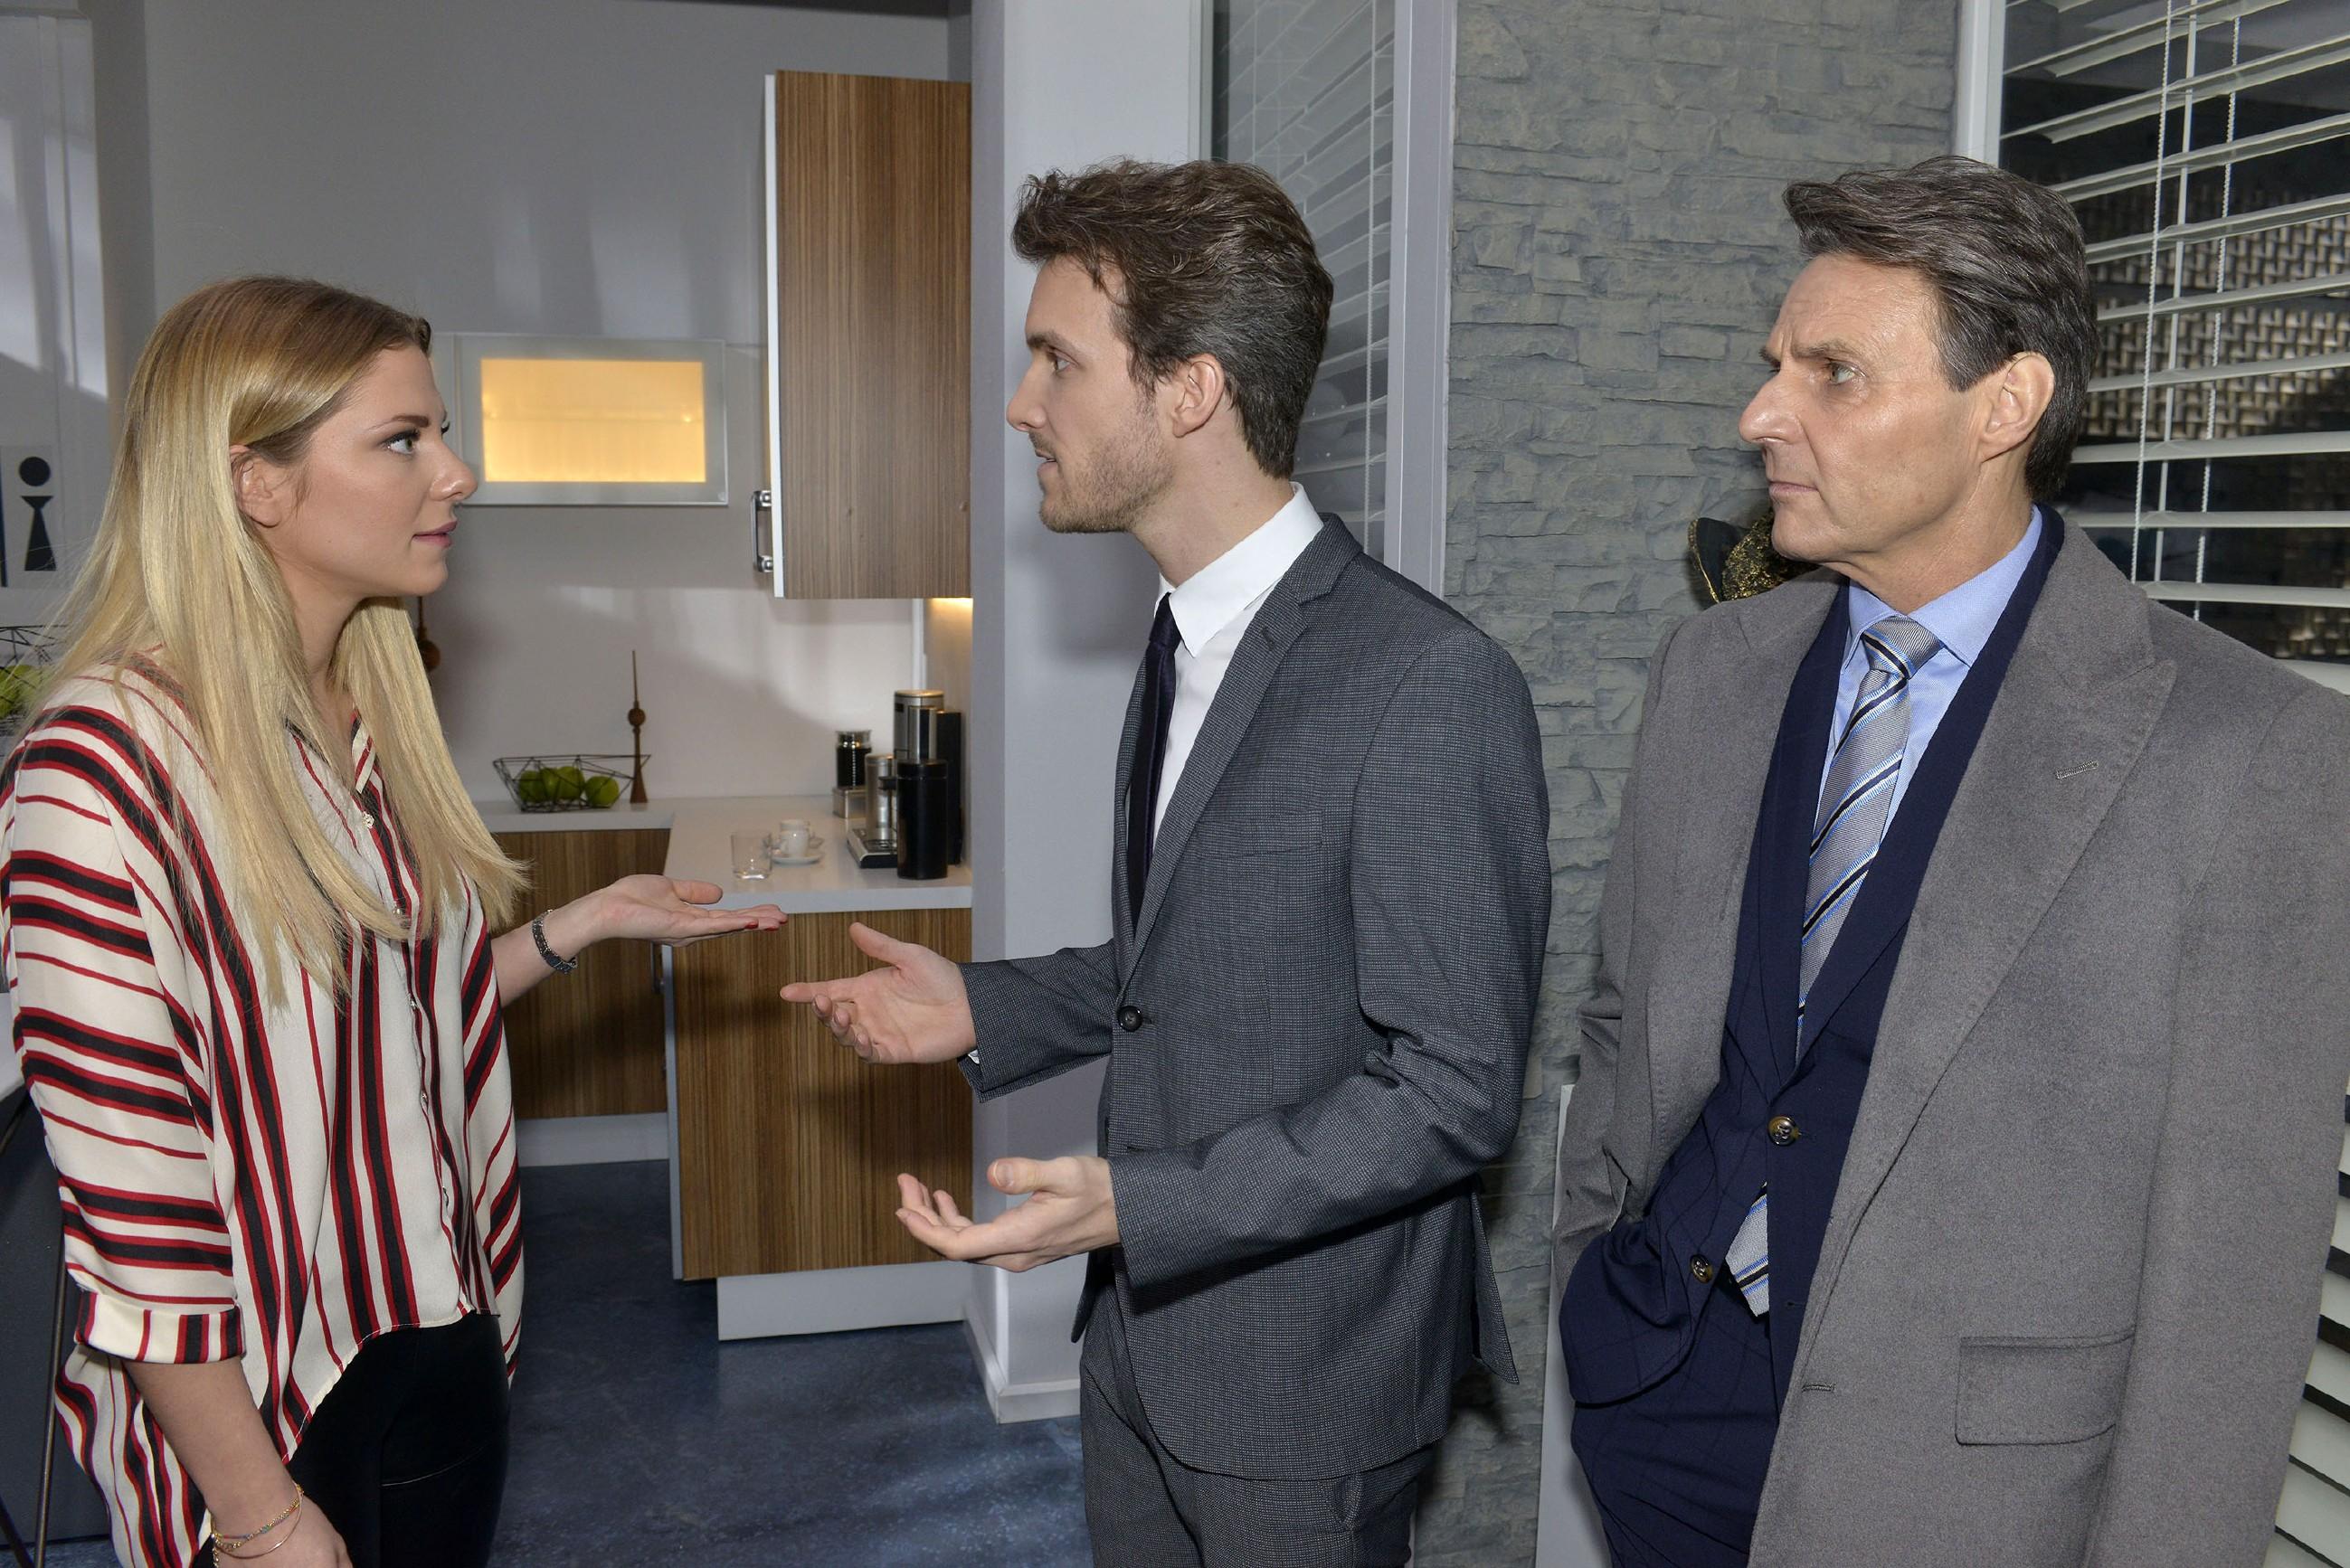 Jo Gerner (Wolfgang Bahro, r.) erkennt, dass die Beziehung zwischen Felix (Thaddäus Meilinger) und Sunny (Valentina Pahde) offenbar noch nicht gefestigt ist. (Quelle: RTL / Rolf Baumgartner)